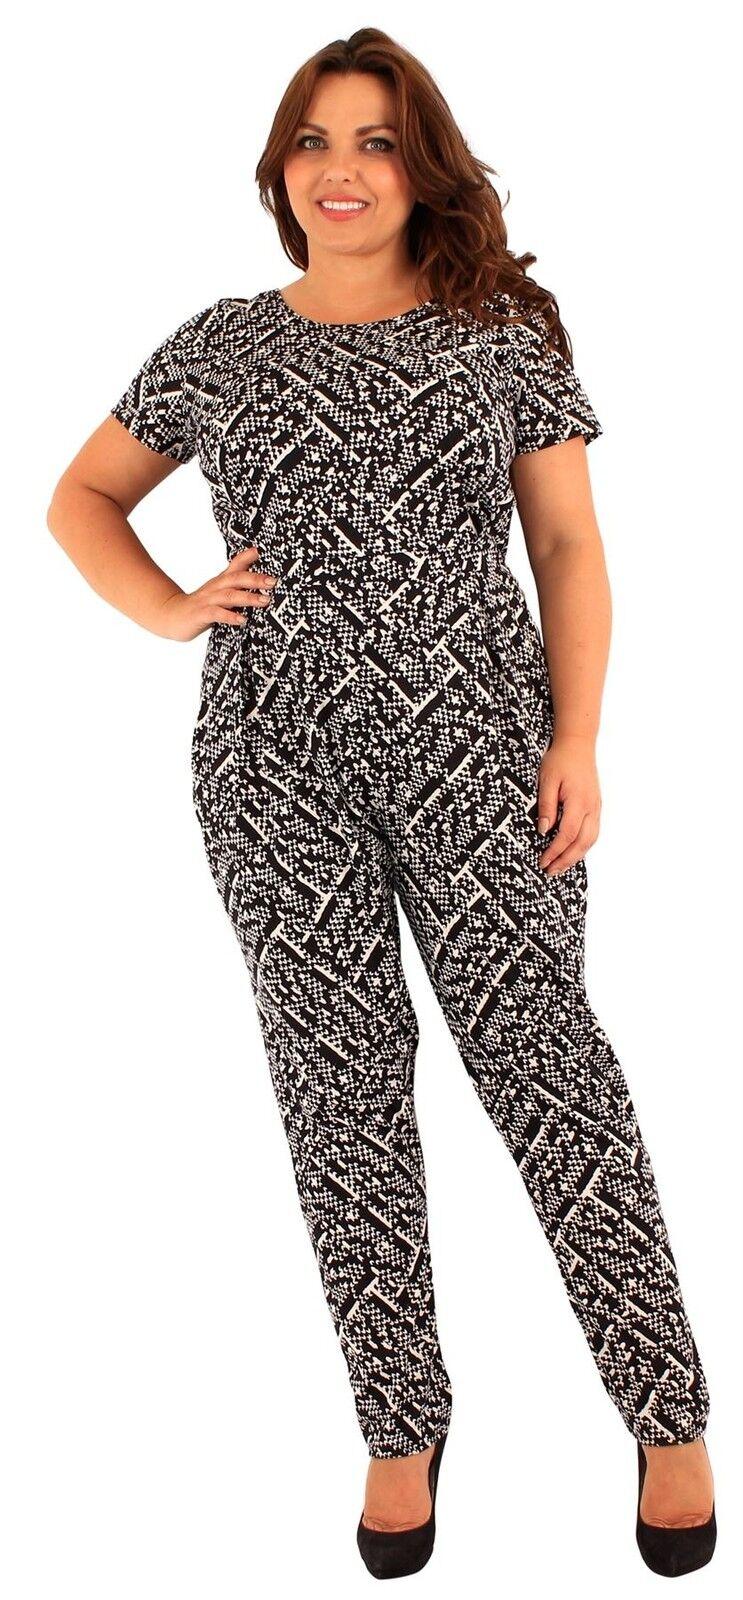 Womens Plus Size Harrem Pants Monochrome Print Cap Sleeve Jumpsuit Dress 18-24